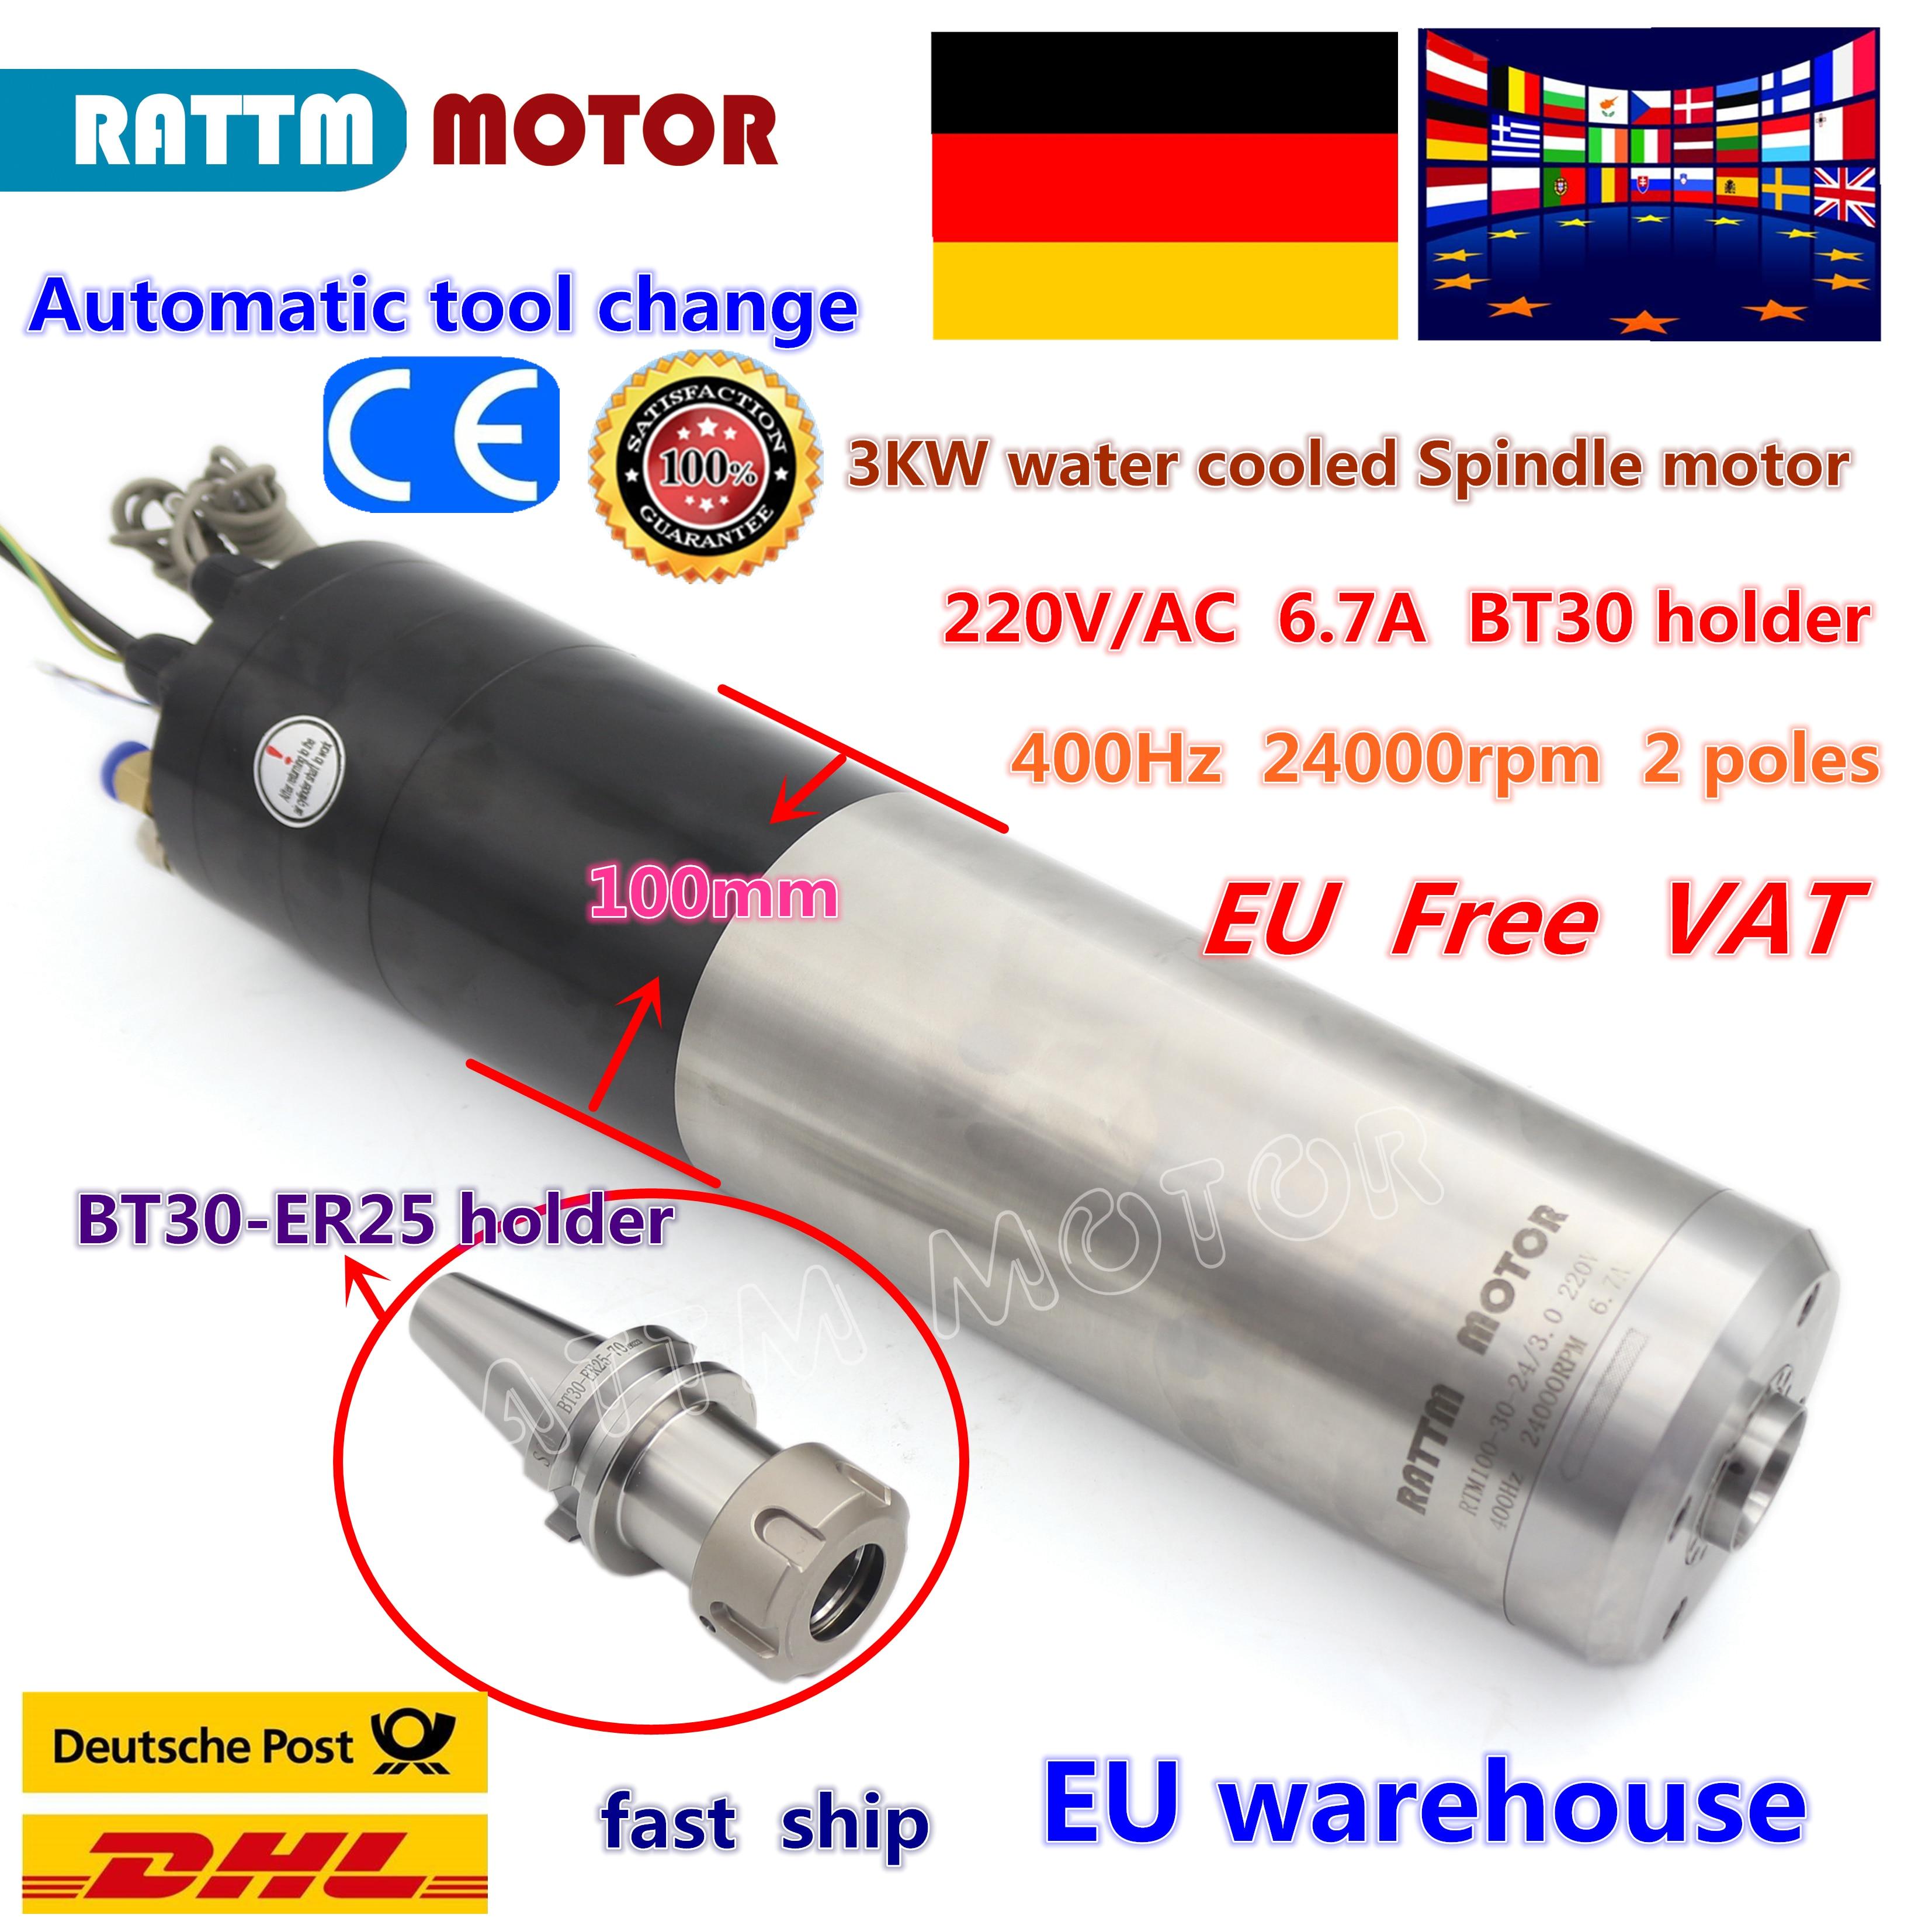 DE trasporto IVA 3KW Cambio Utensile Automatico del Mandrino motore BT30 24000rpm 220 V/380 V raffreddato ad acqua Per CNC Macchina Per Incidere del Router